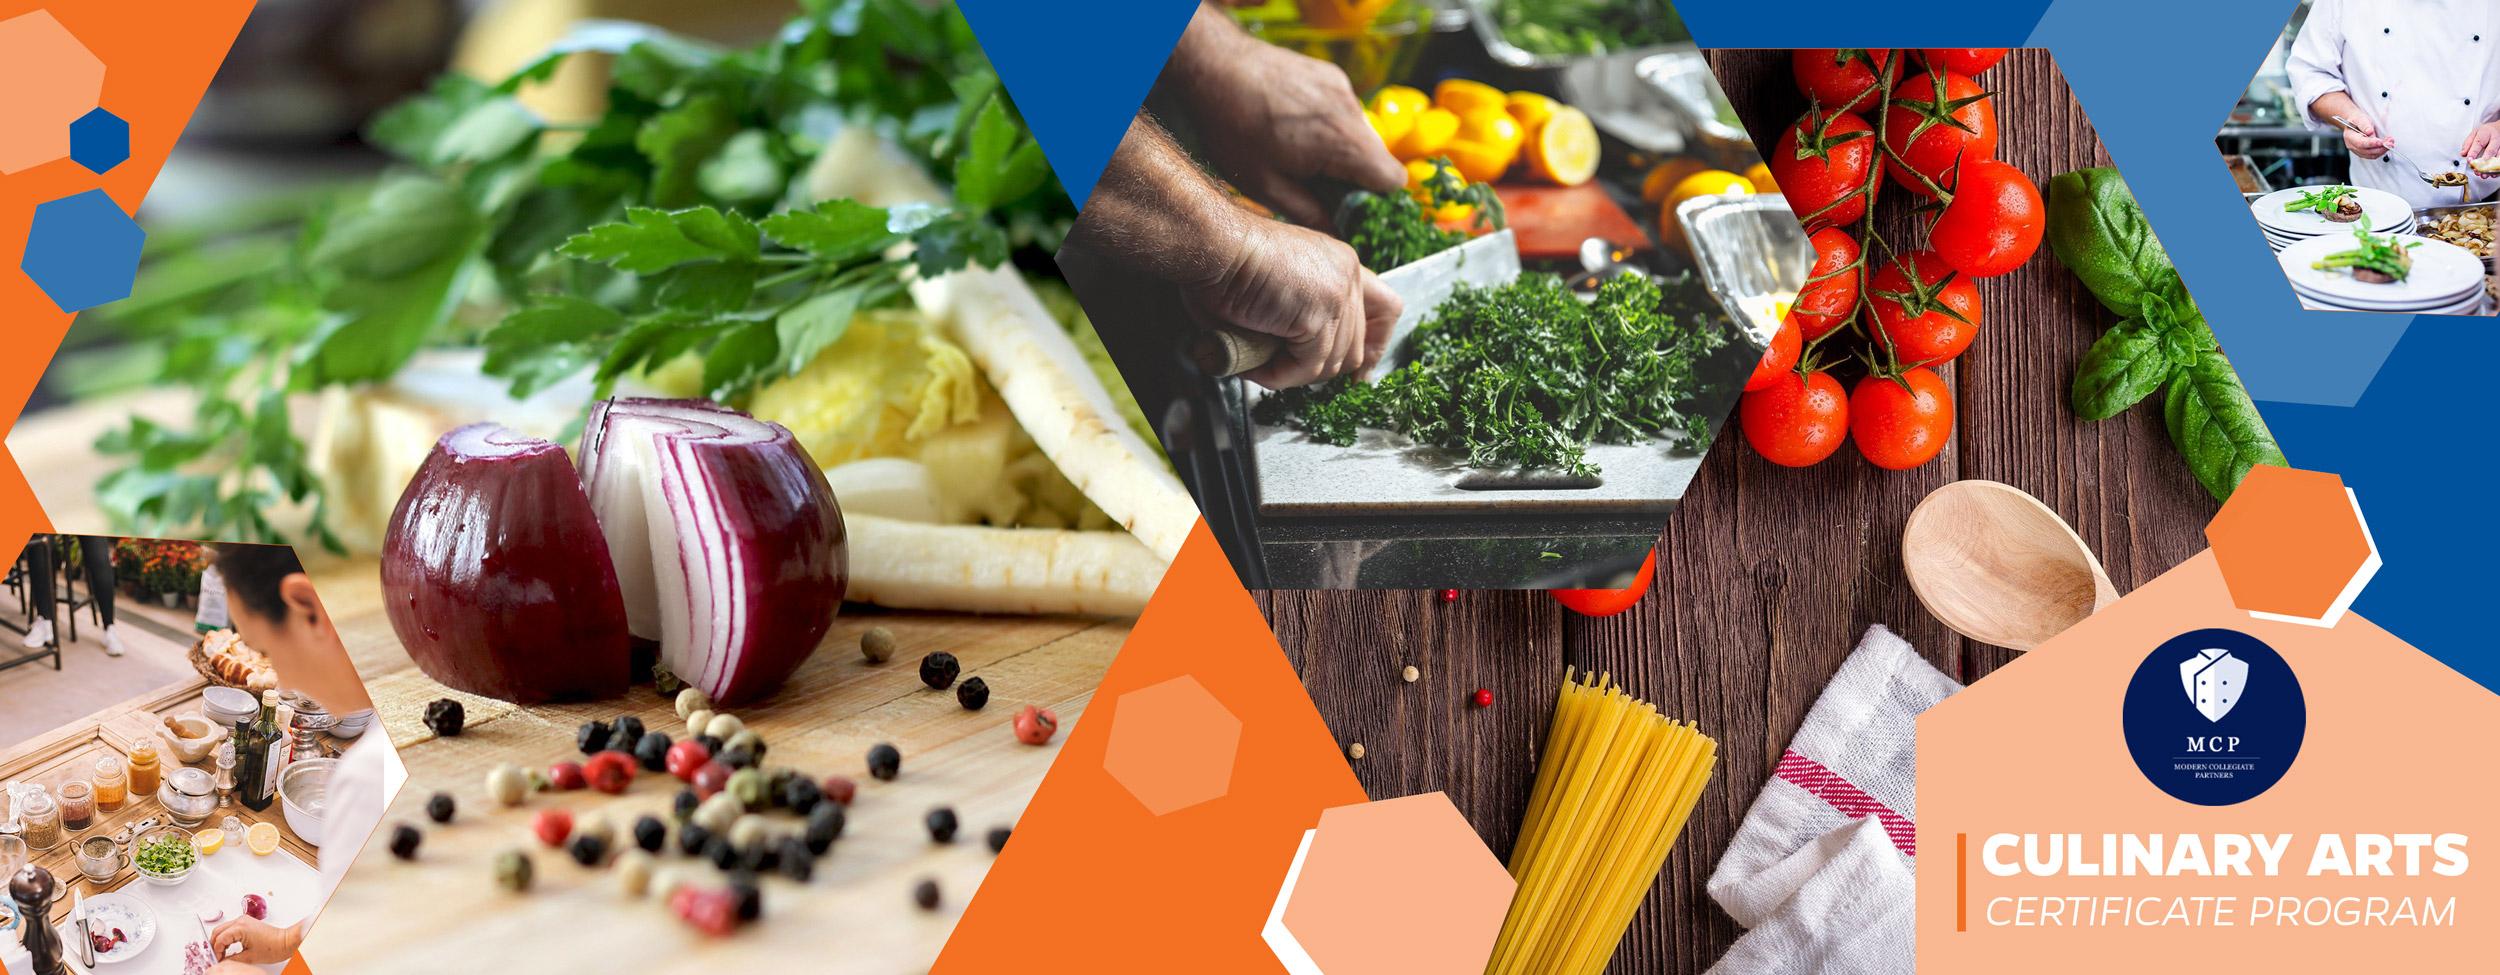 Culinary Certificate Program